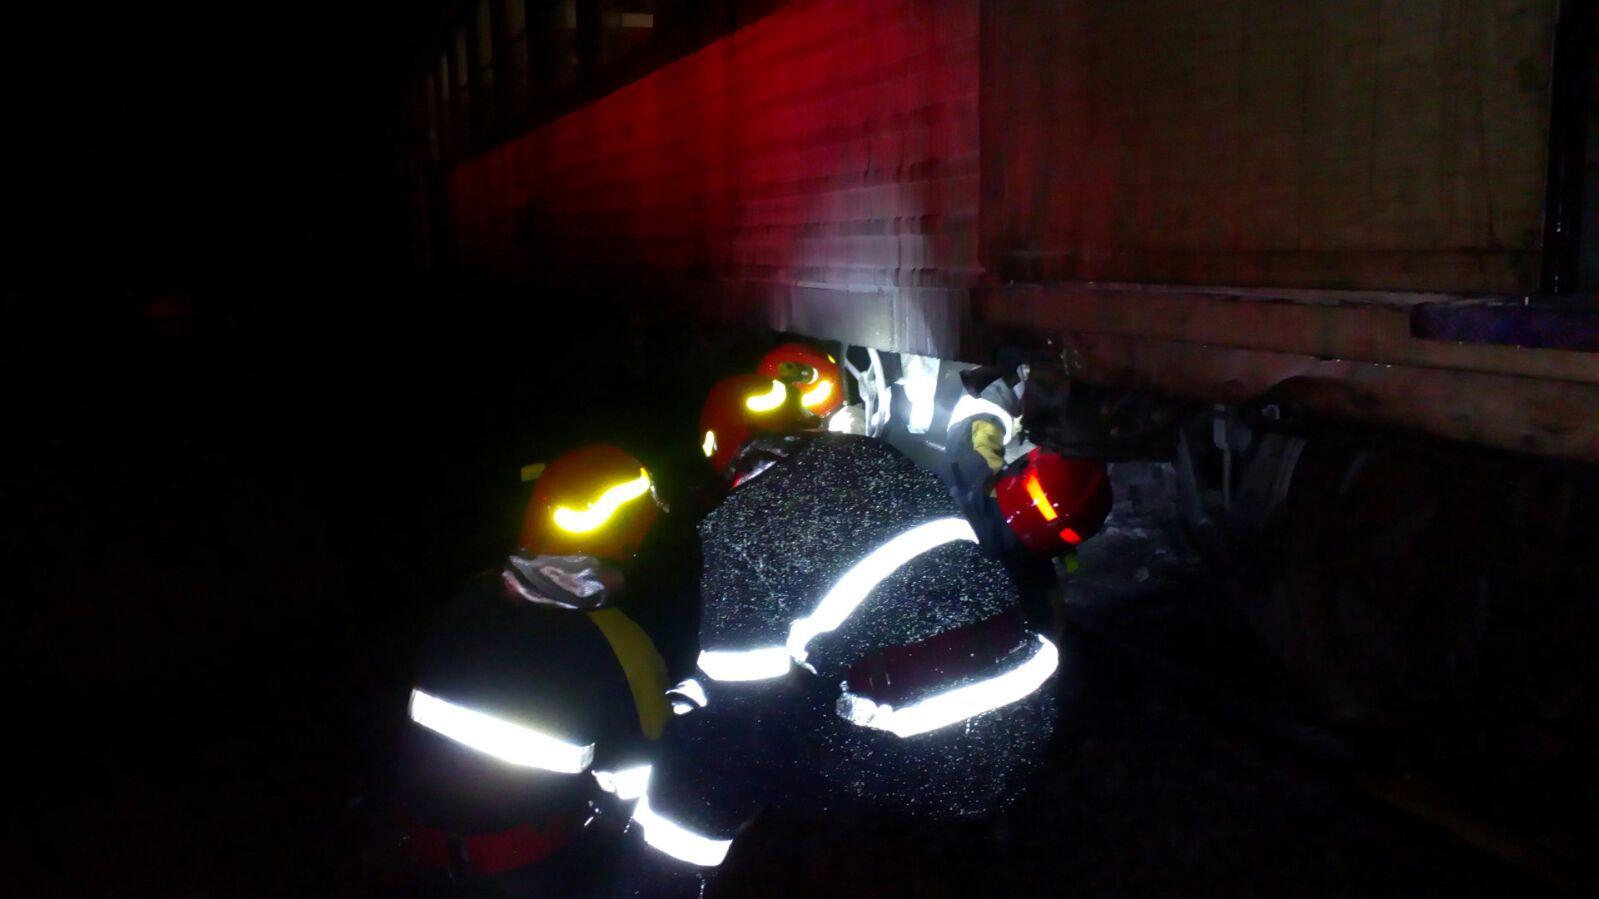 Incendiu la un tren de persoane într-o gară din Timişoara. 15 călători s-au autoevacuat